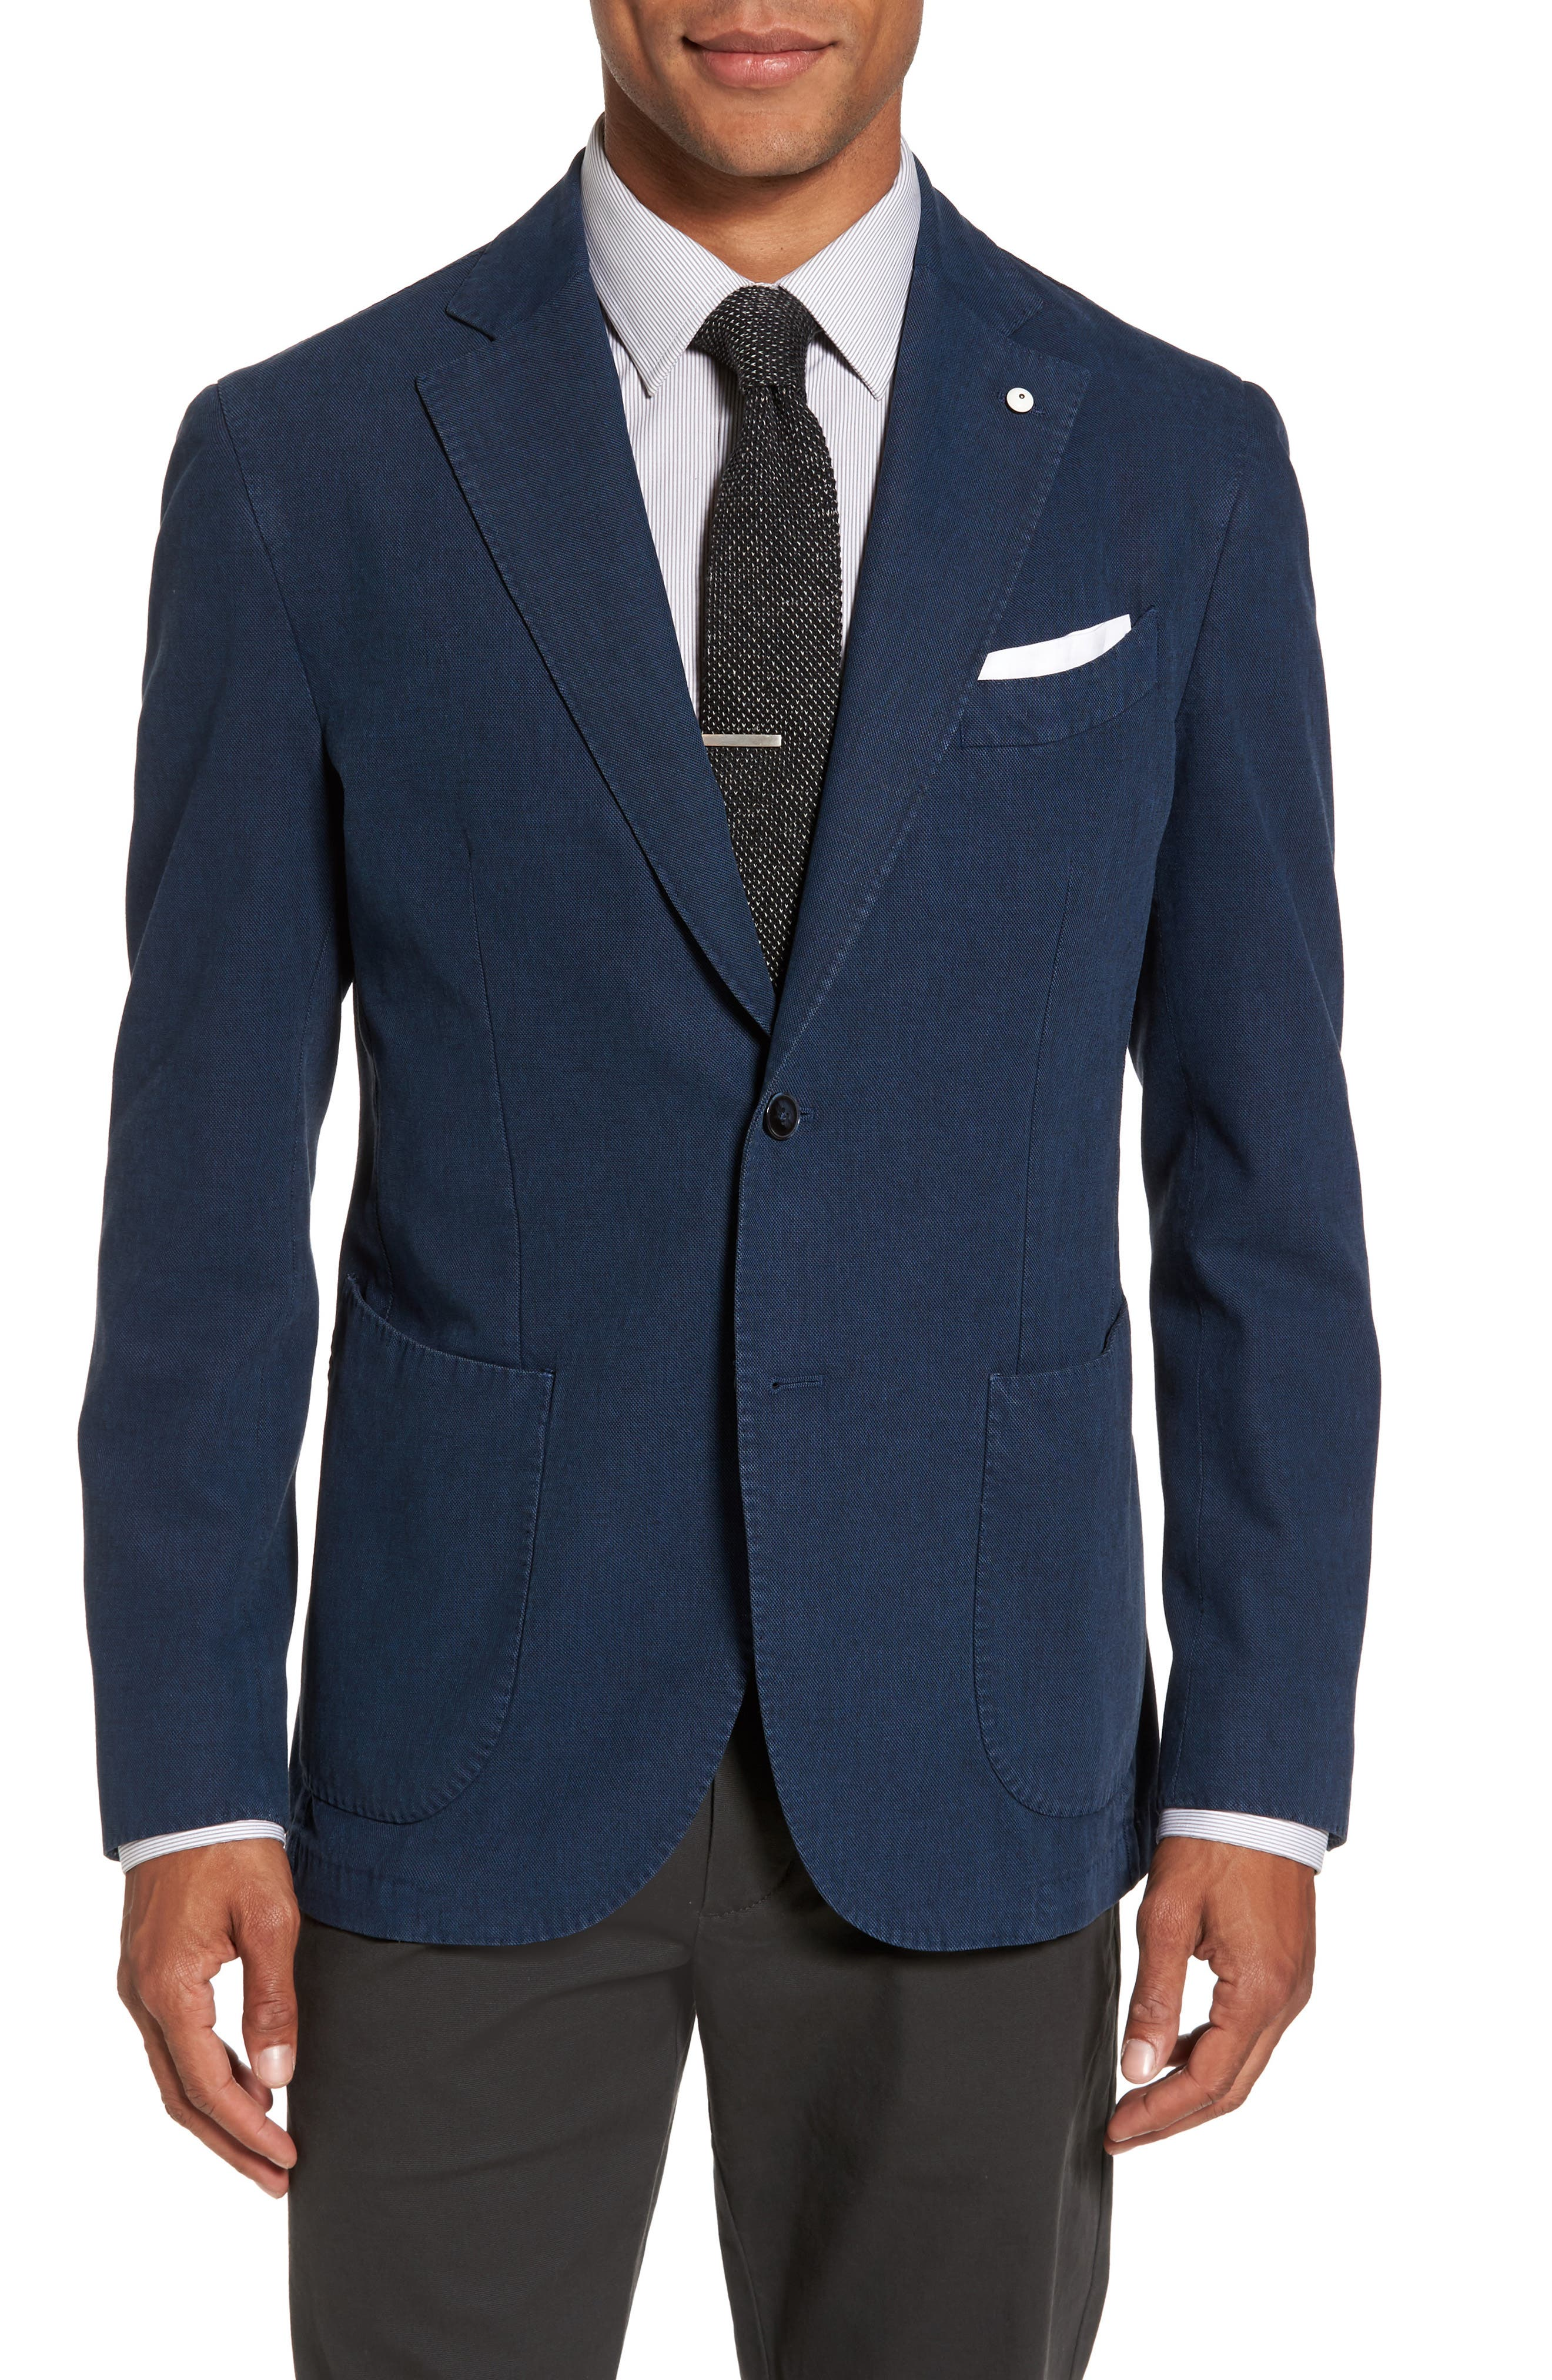 Main Image - L.B.M. 1911 Classic Fit Cotton Blend Blazer